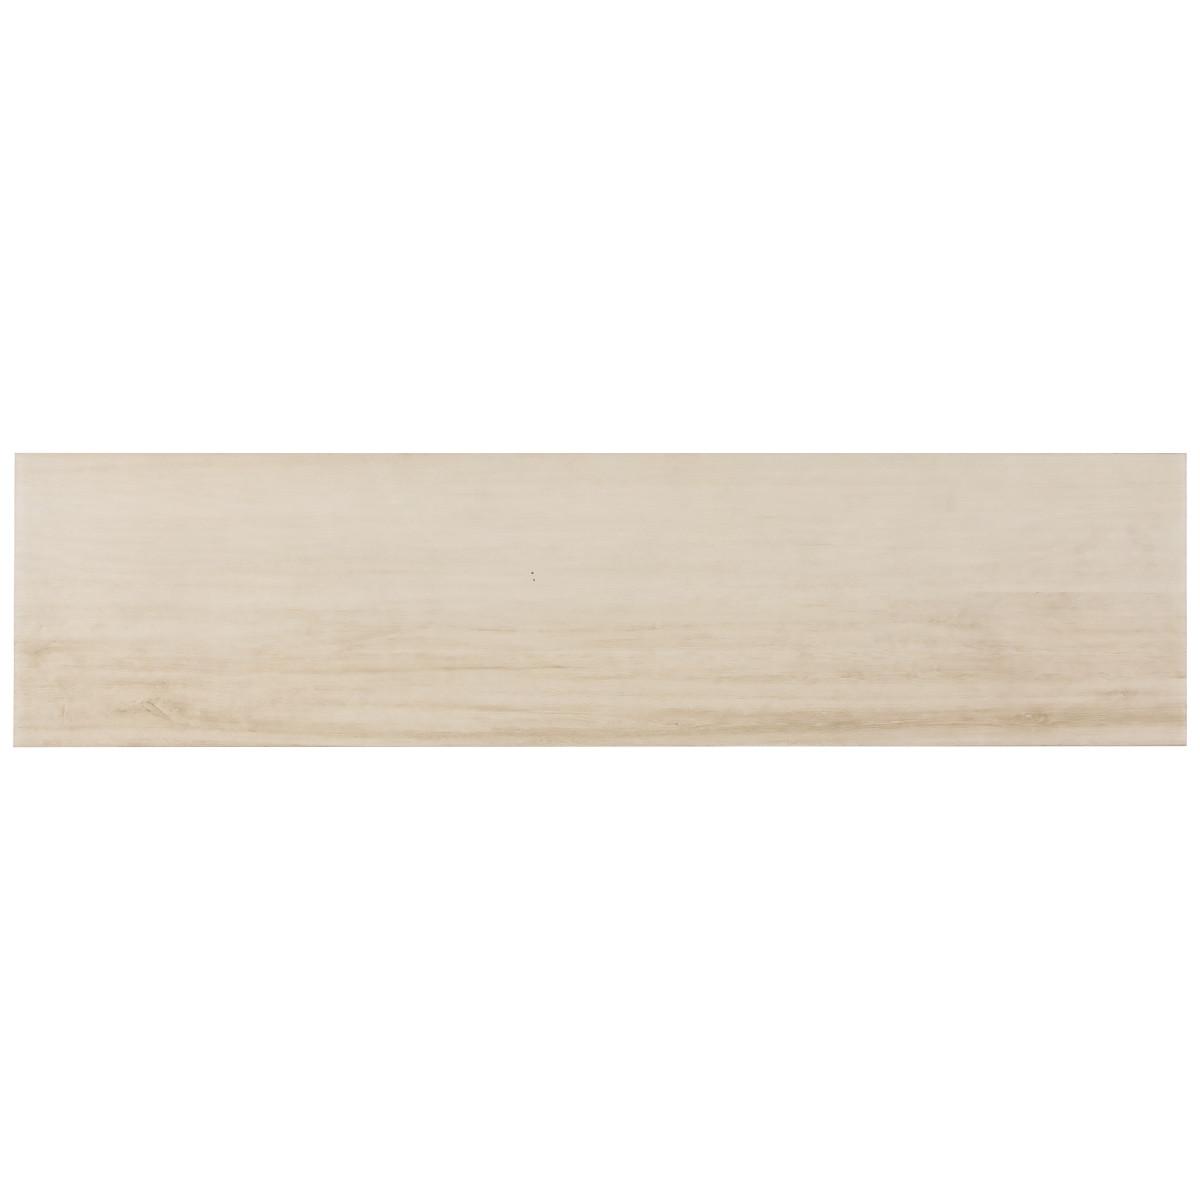 Керамогранит Artens Бамбу цвет кремовый 15х60 см